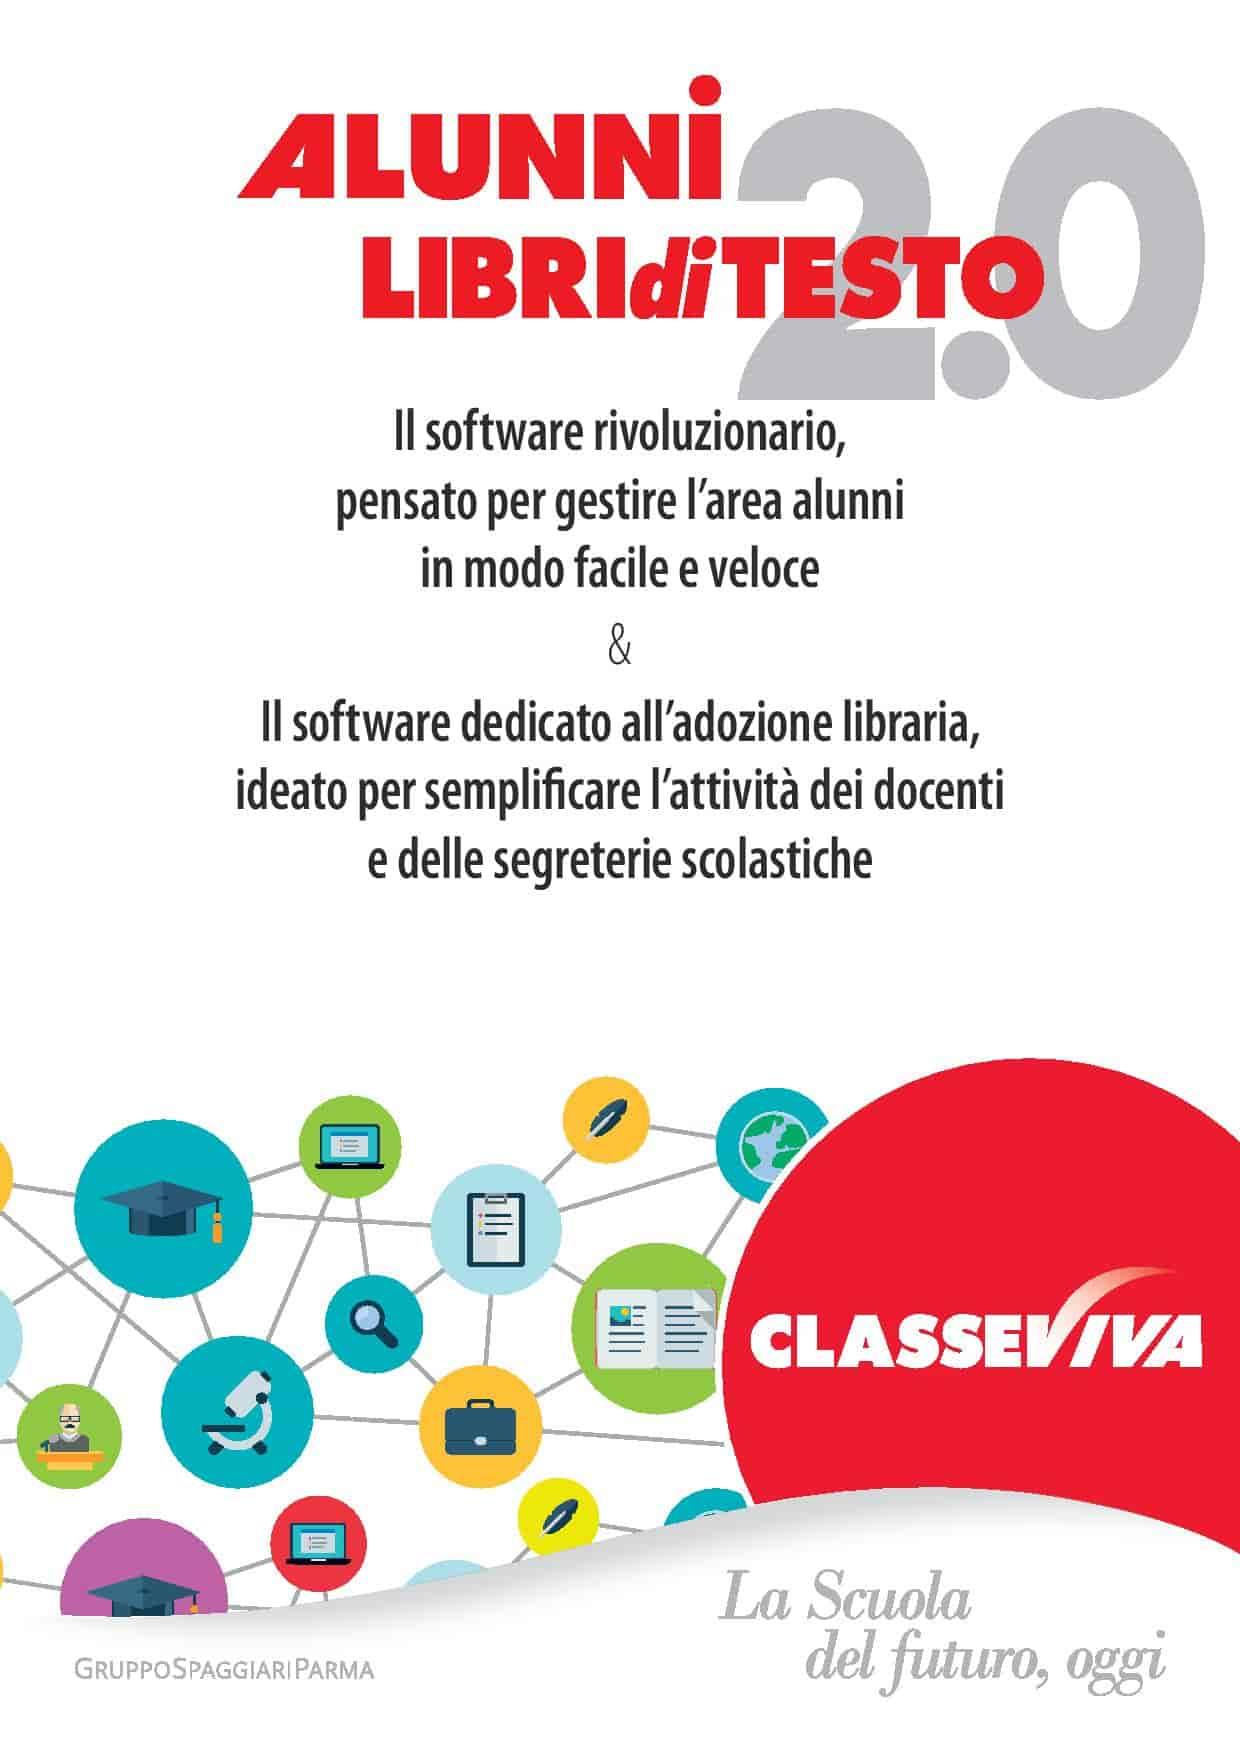 Alunni 2.0 libri di testo